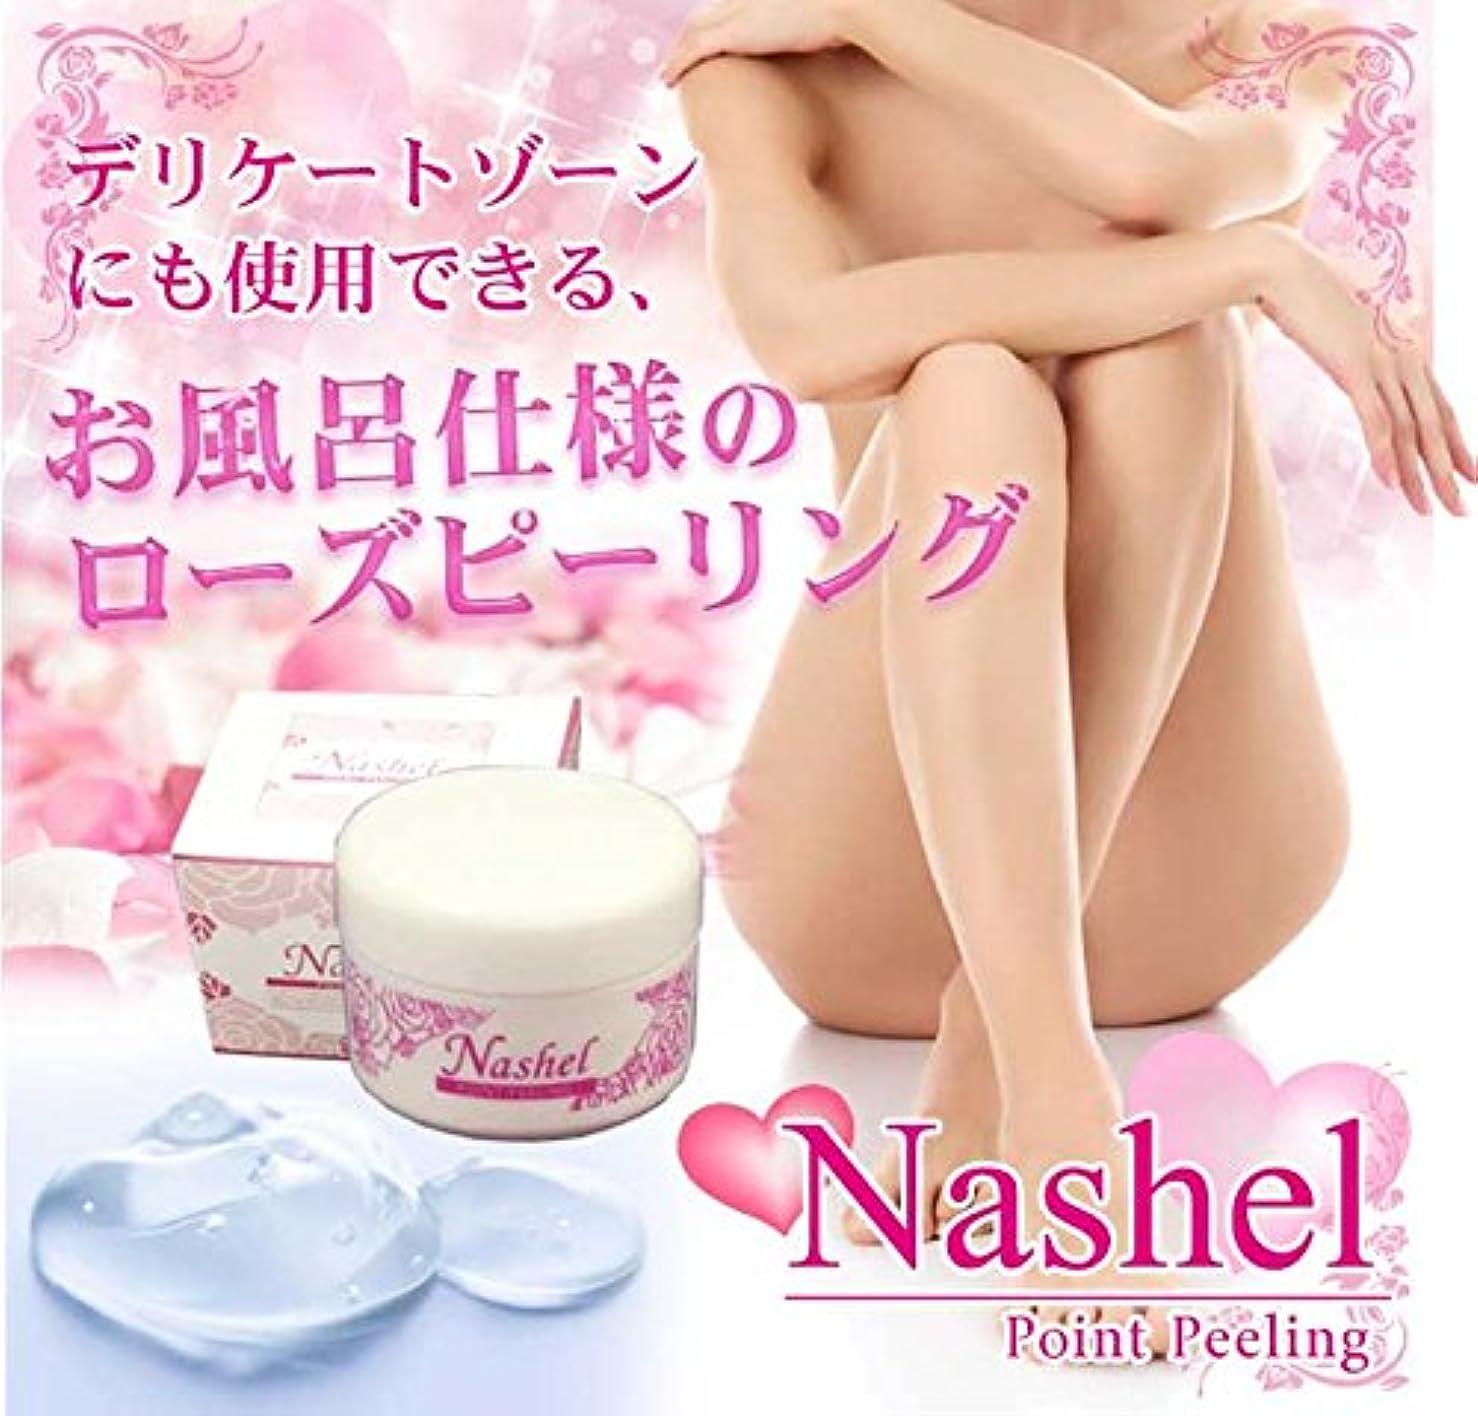 妥協アノイ食物Nashel point peeling(ナシェル ポイントピーリング)